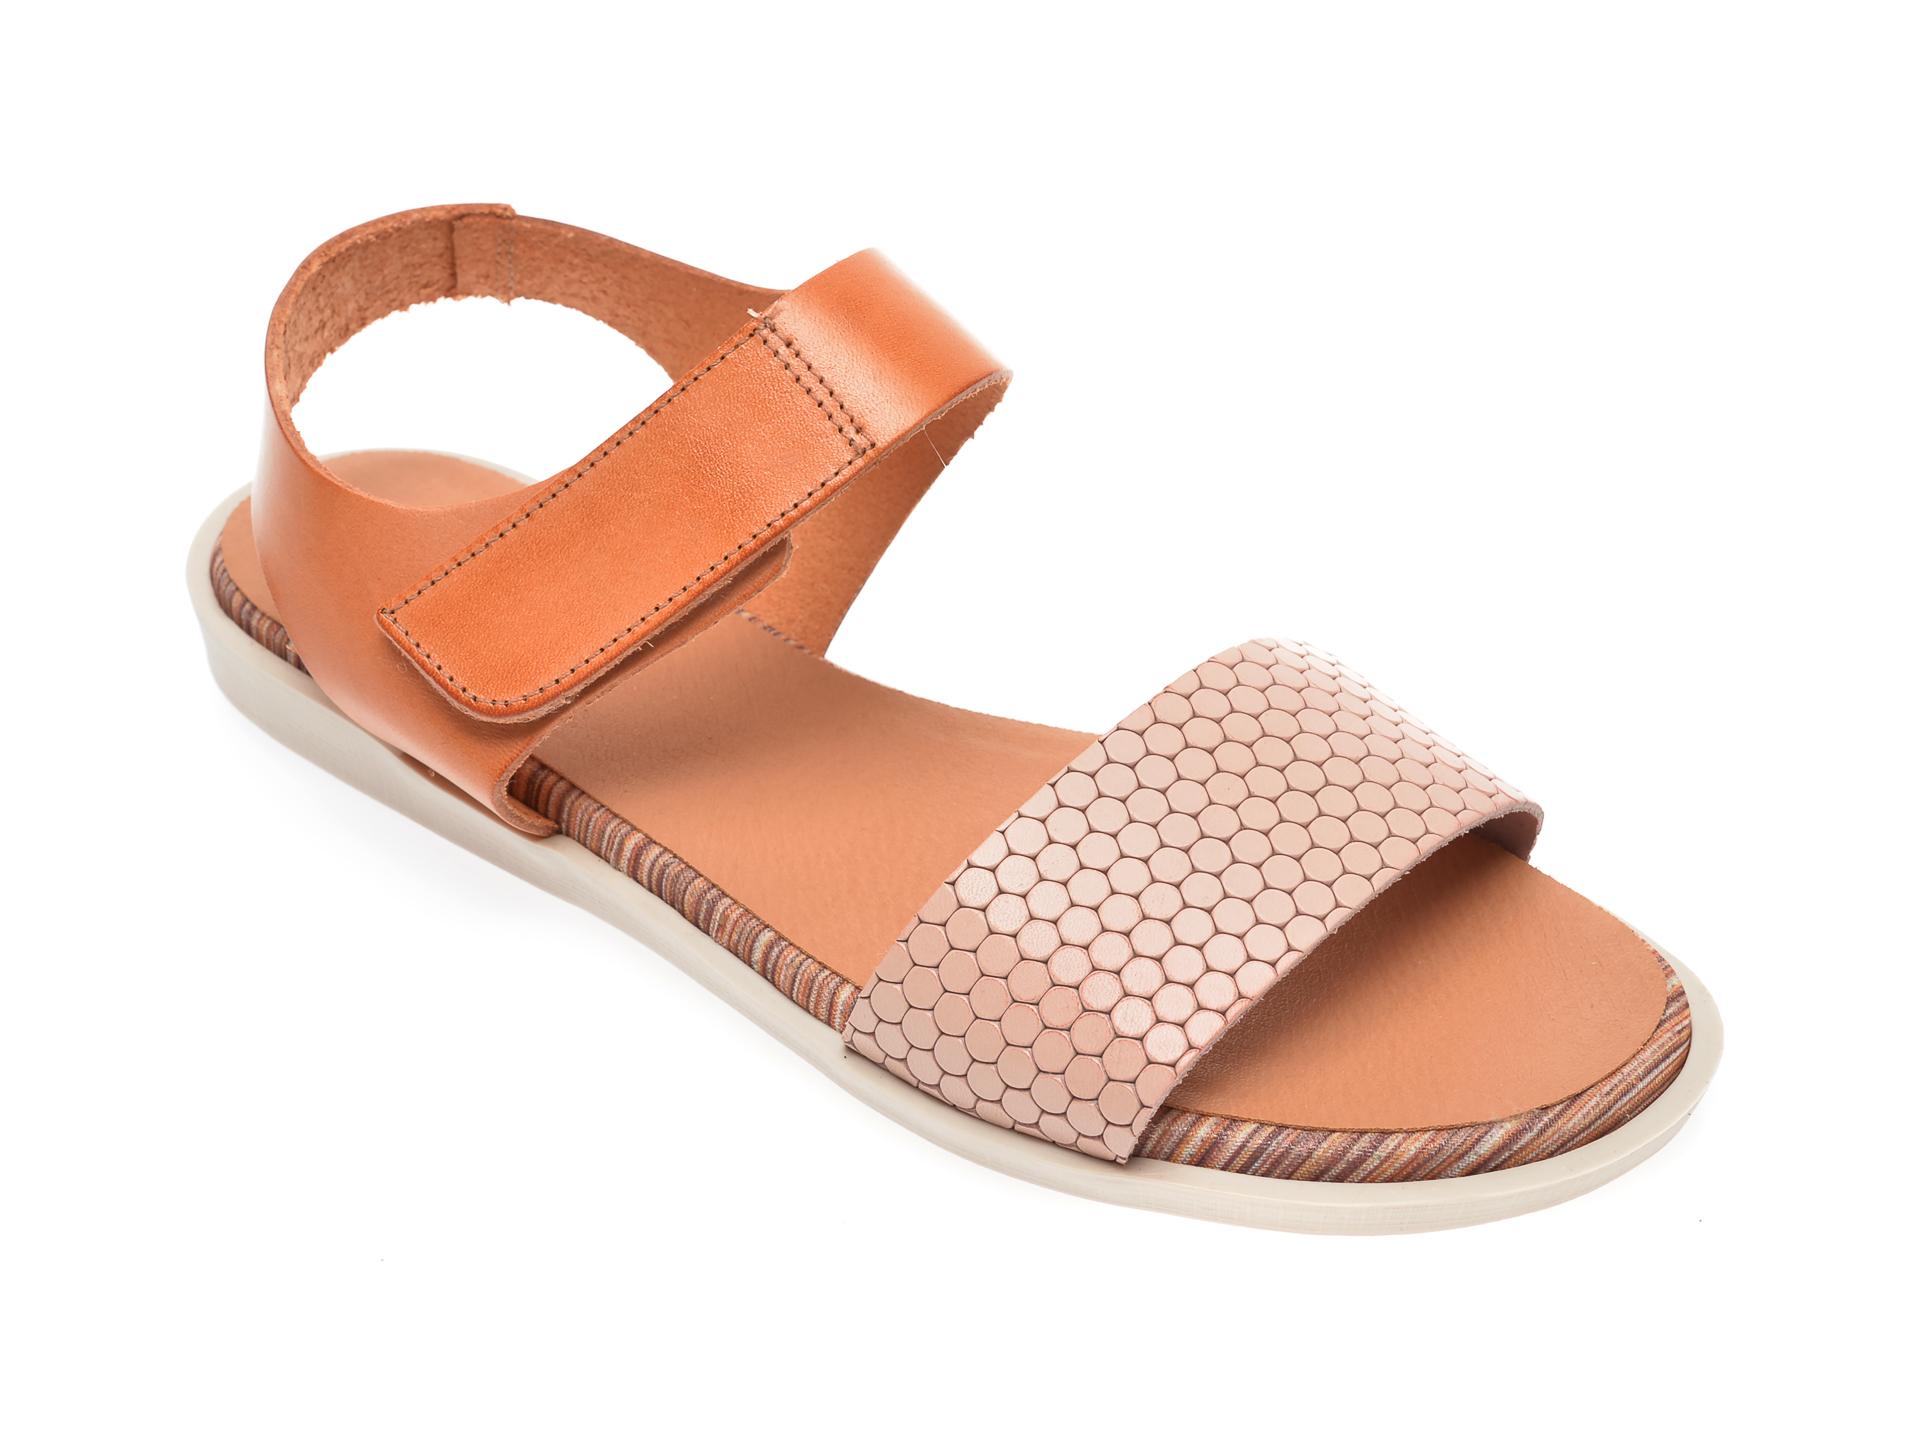 Sandale IMAGE nude, 1242, din piele naturala